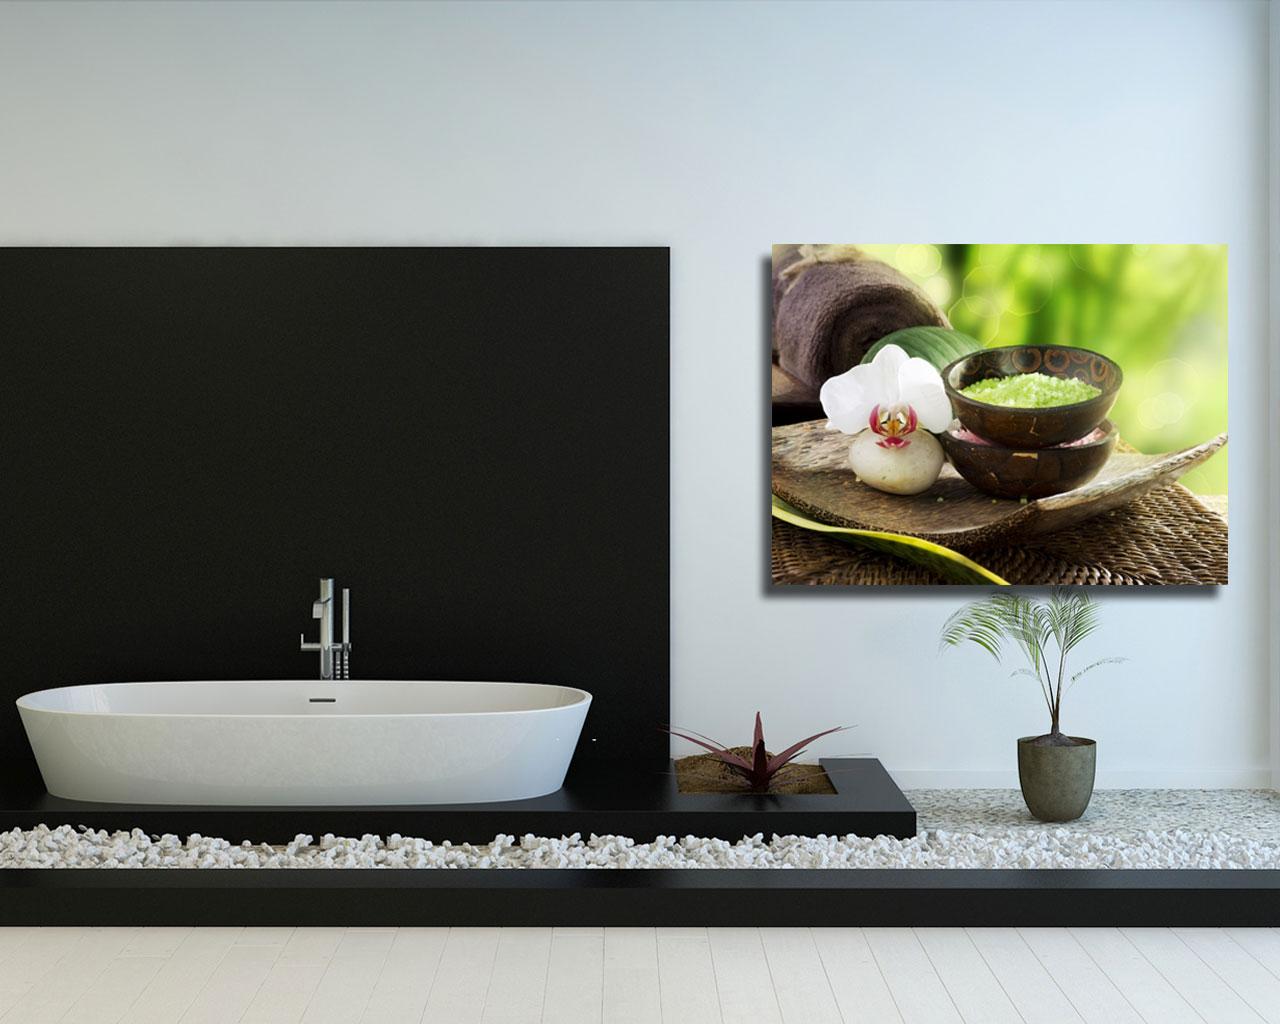 Stampa su tela - sali da bagno e orchidea